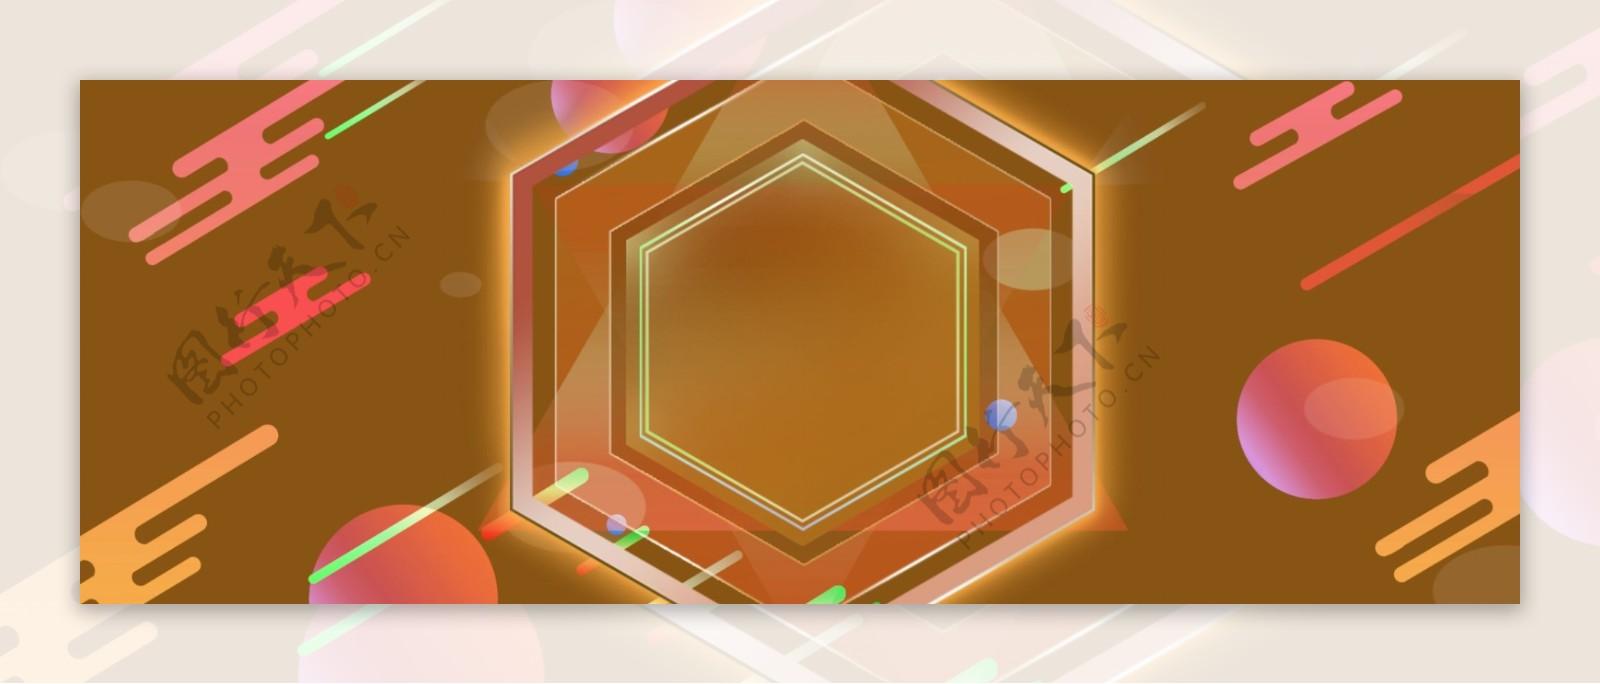 简约几何通用背景素材